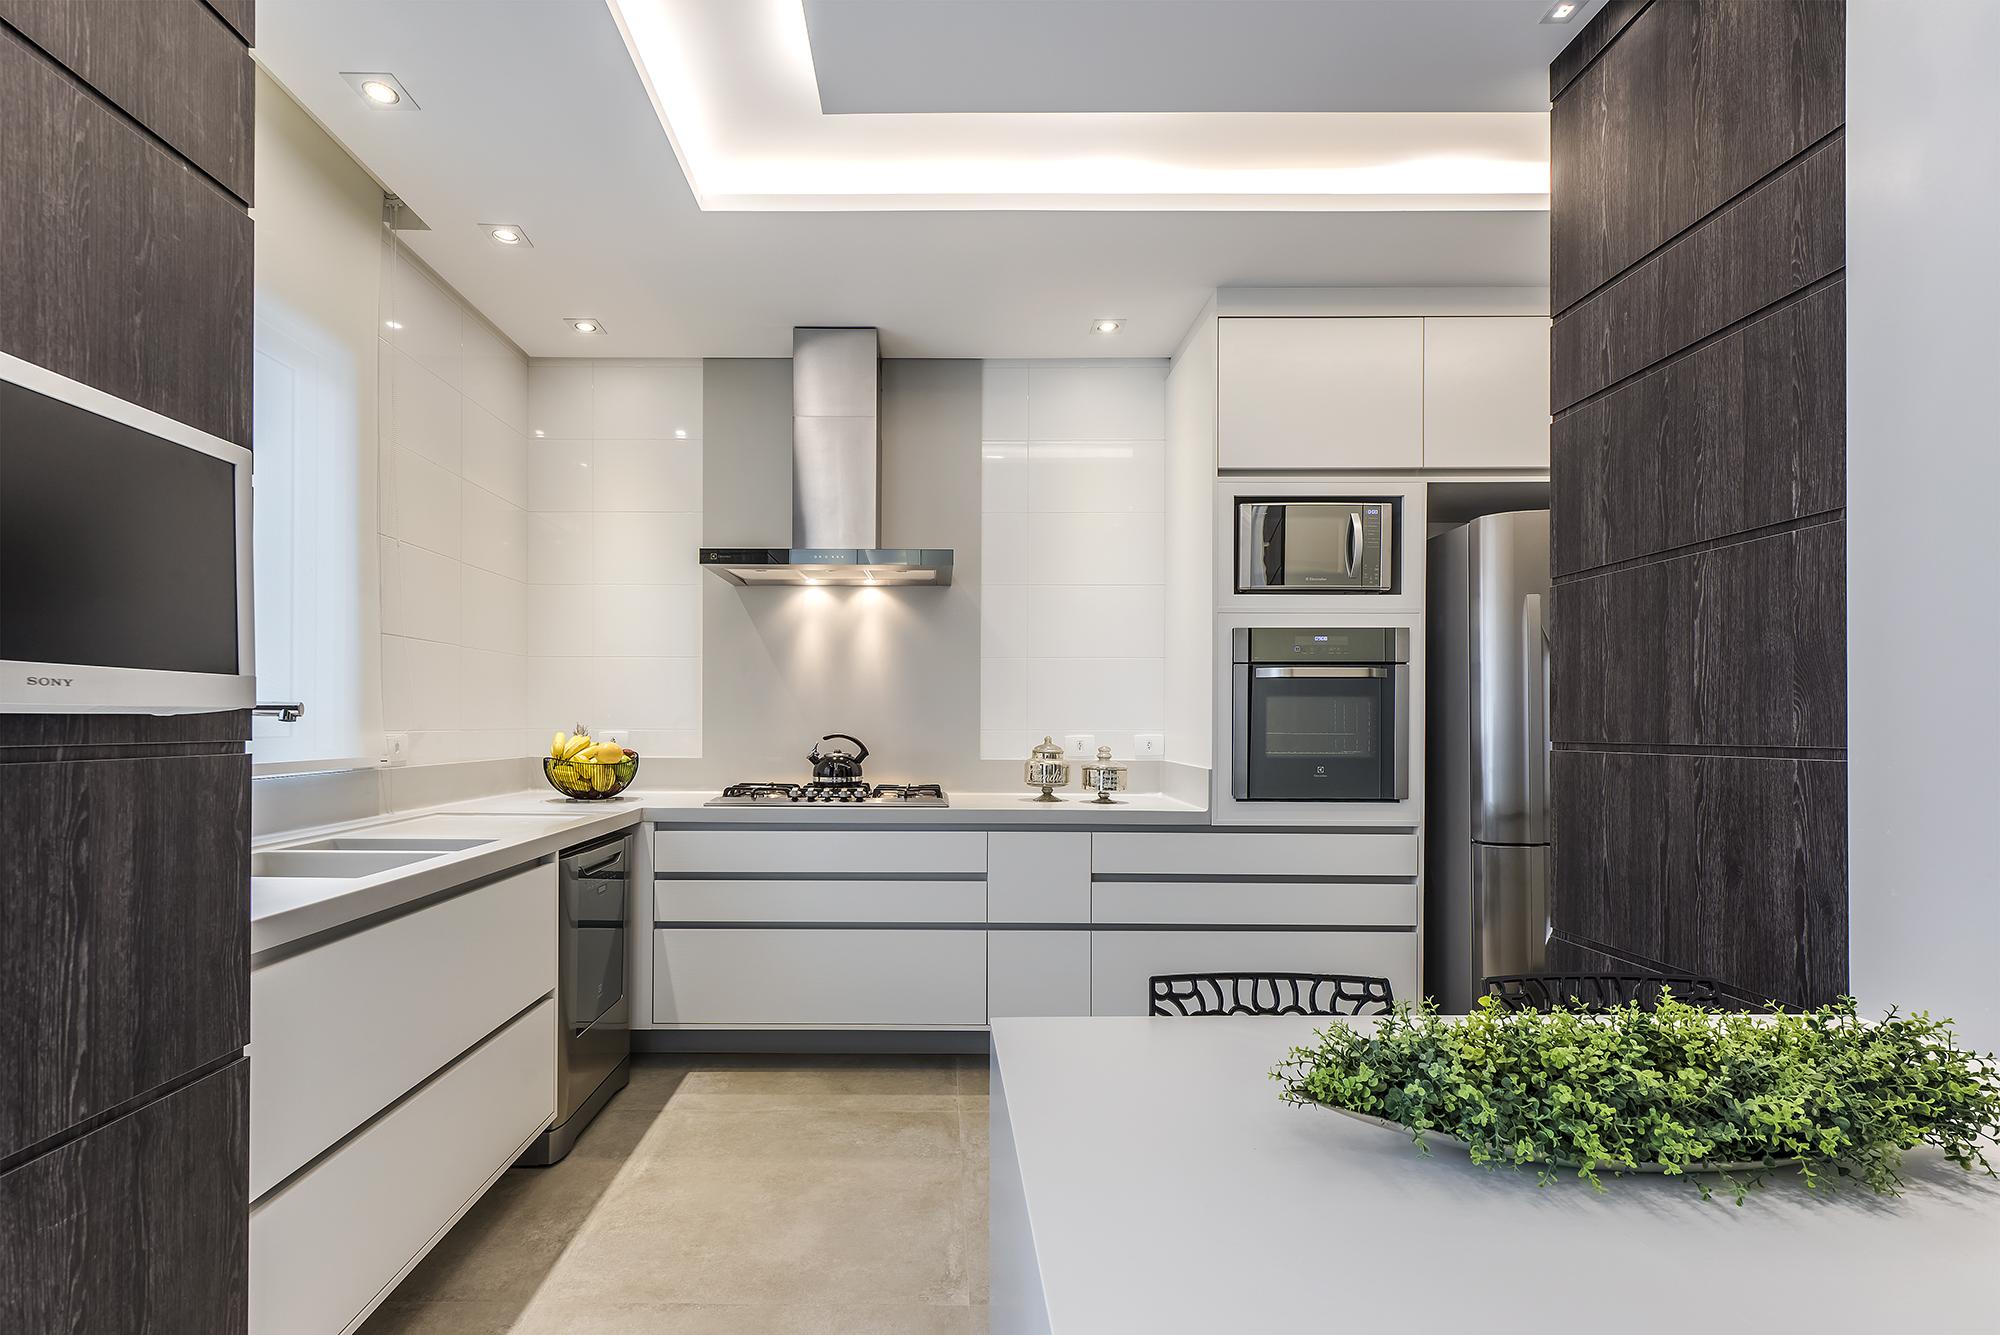 Cozinha projetada por Alessandra Gandolfi equilibra iluminação geral, pontual e indireta.